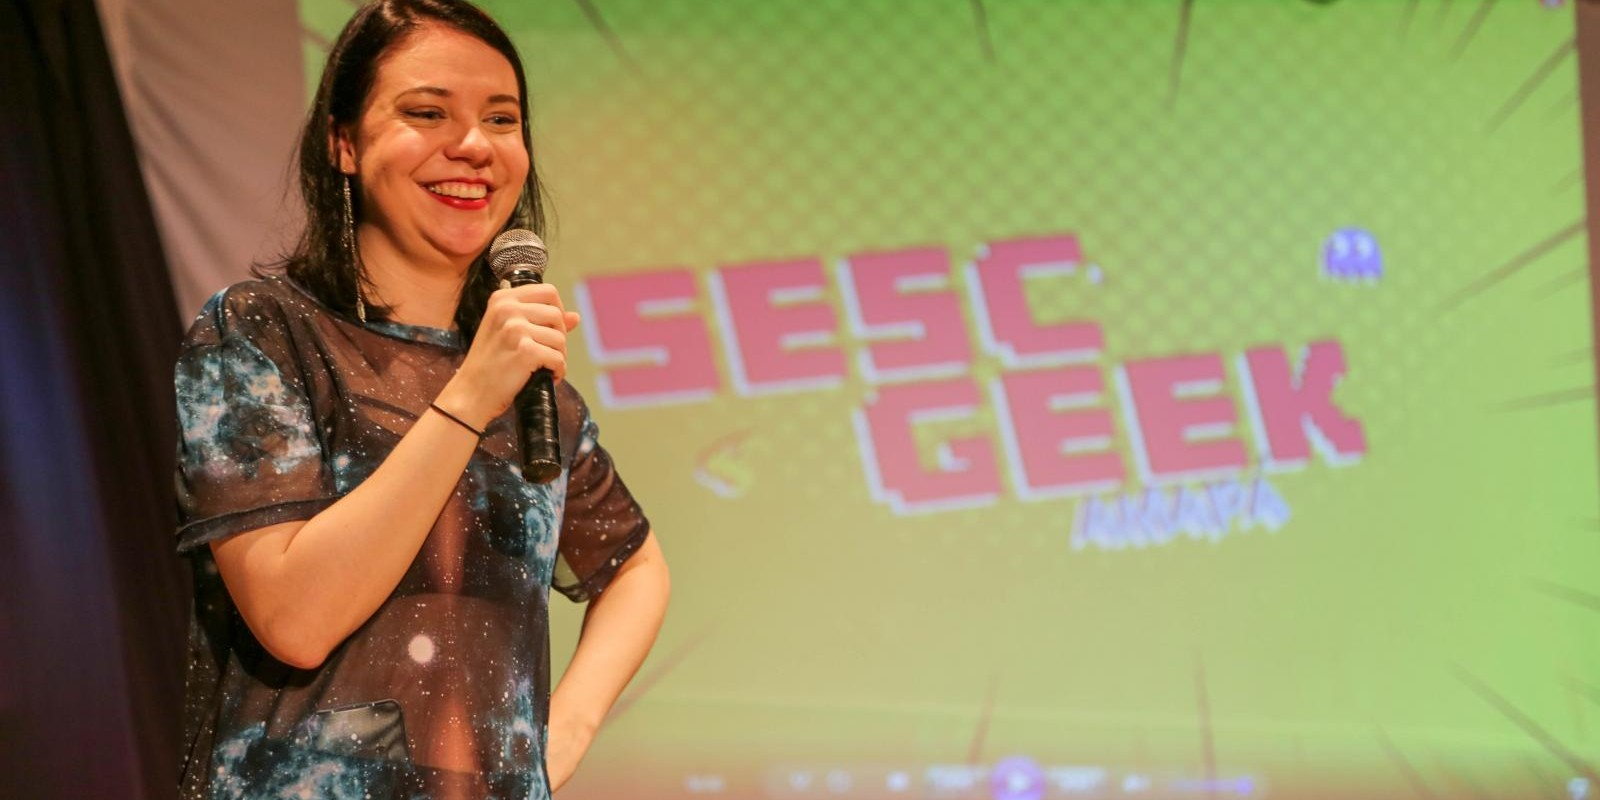 Sesc Amapá realiza 2ª edição do Sesc Geek